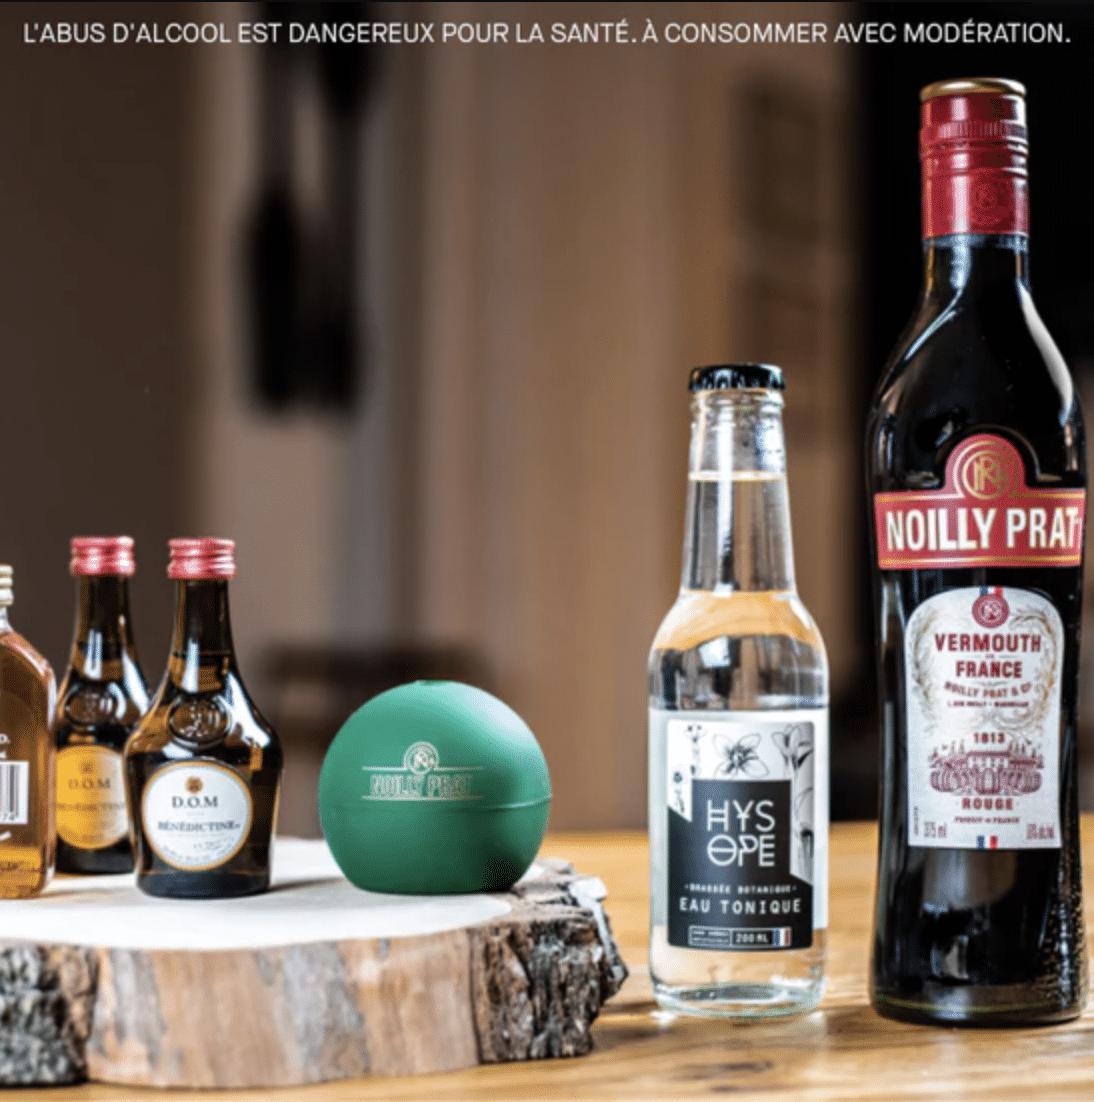 Box de Spiritueux, Visite de Distilleries & Atelier Spritz